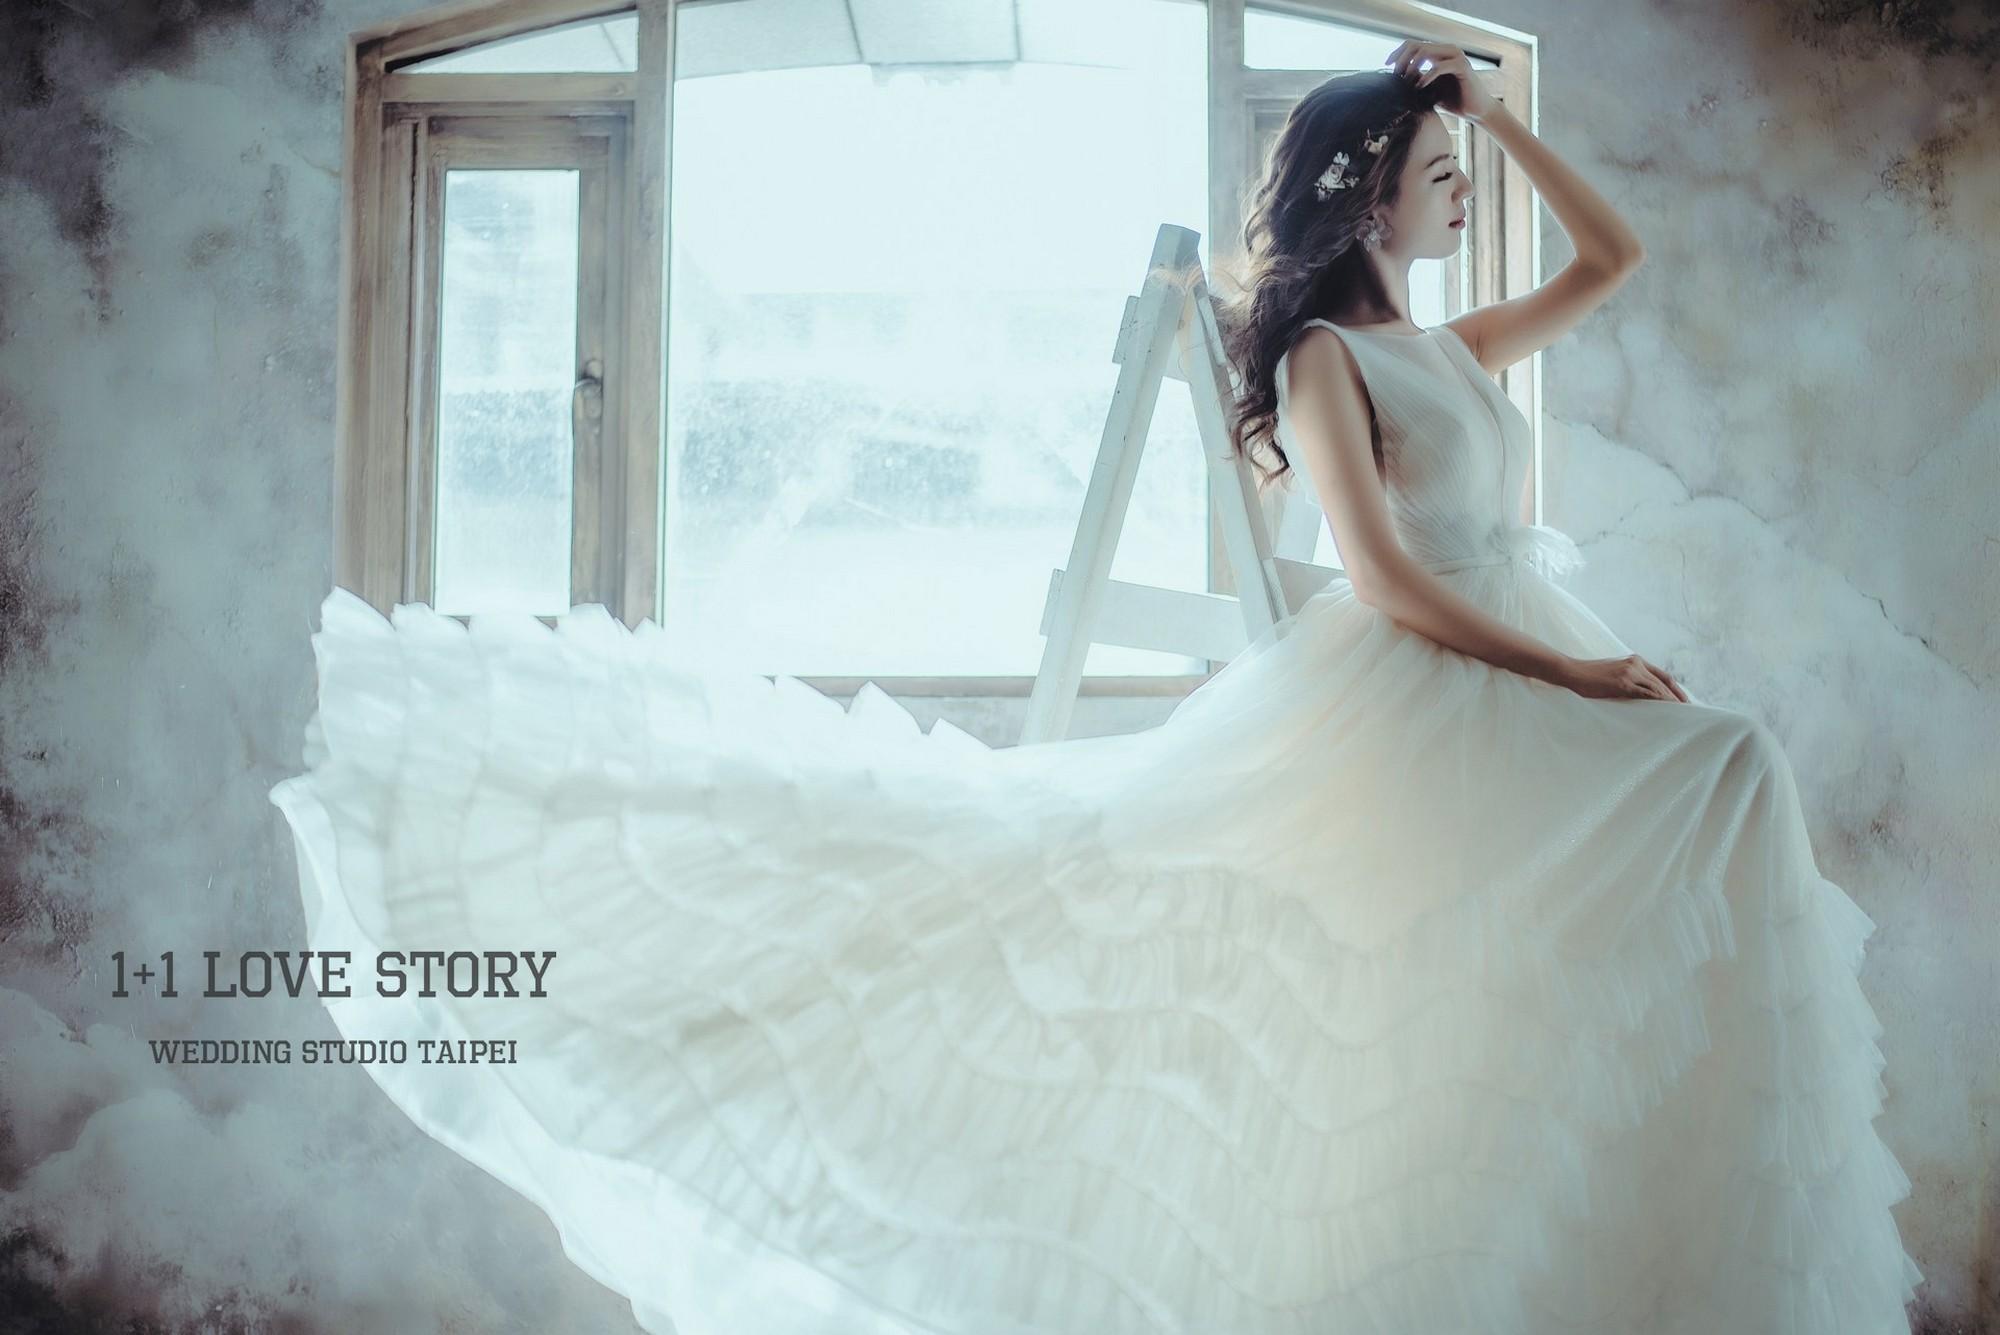 白紗推薦,婚紗訂製,婚紗禮服,禮服訂製,類白紗訂做